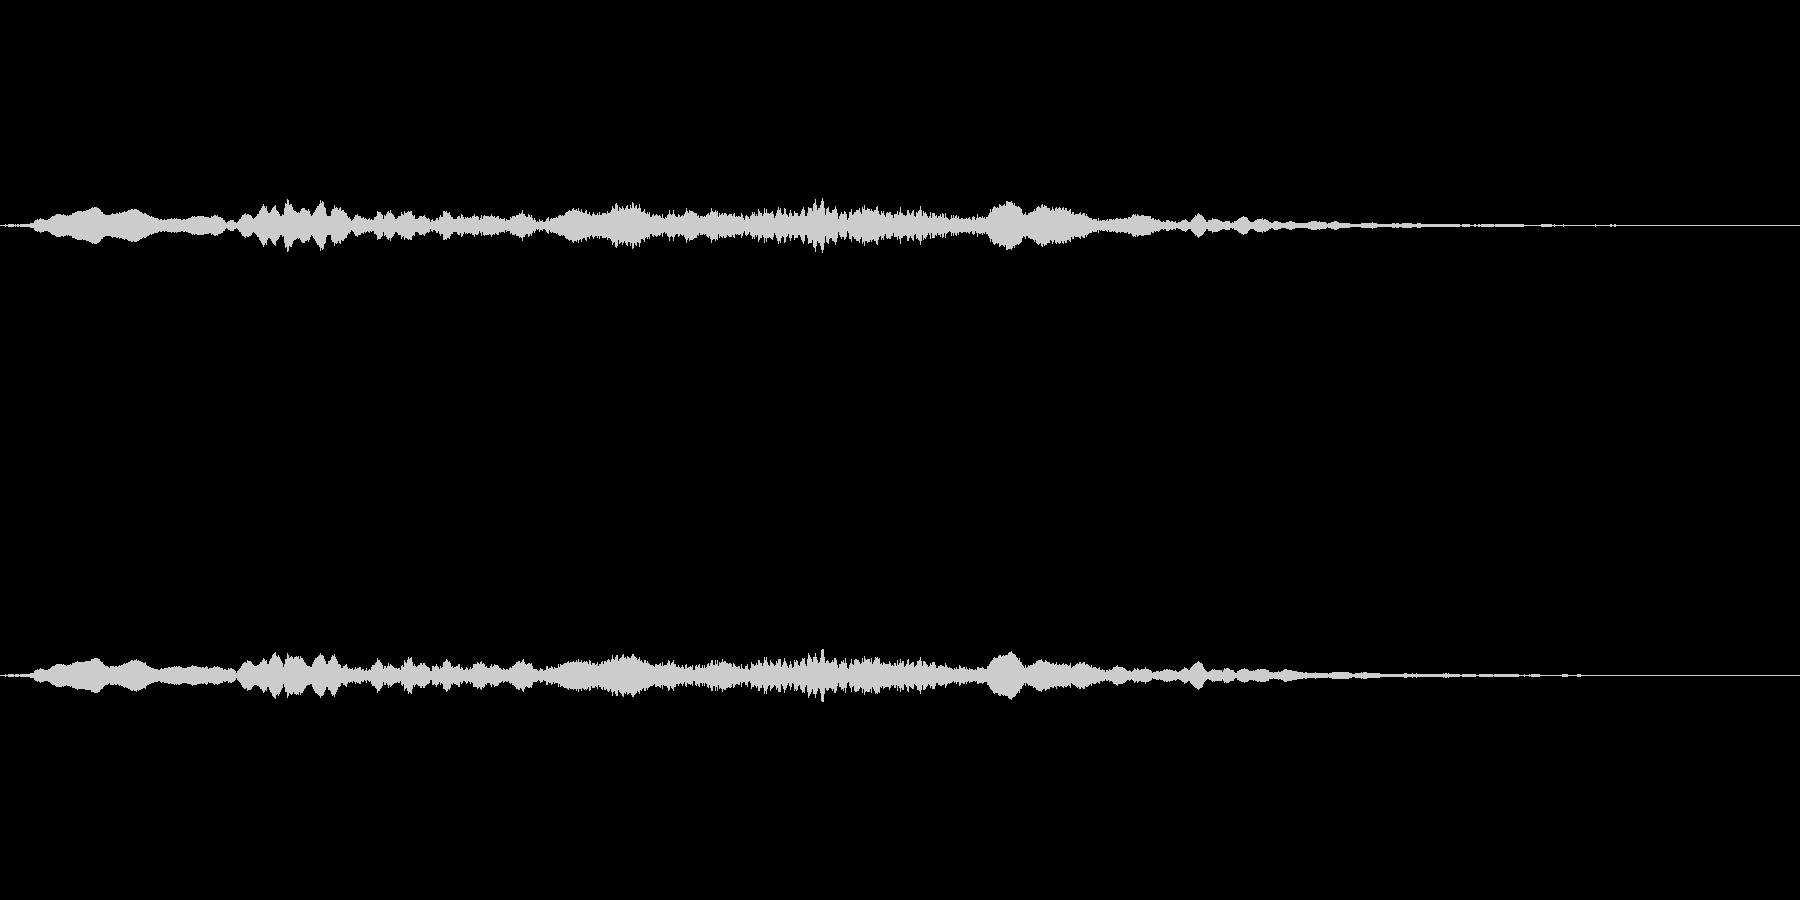 ホラー系の金属的な効果音の未再生の波形